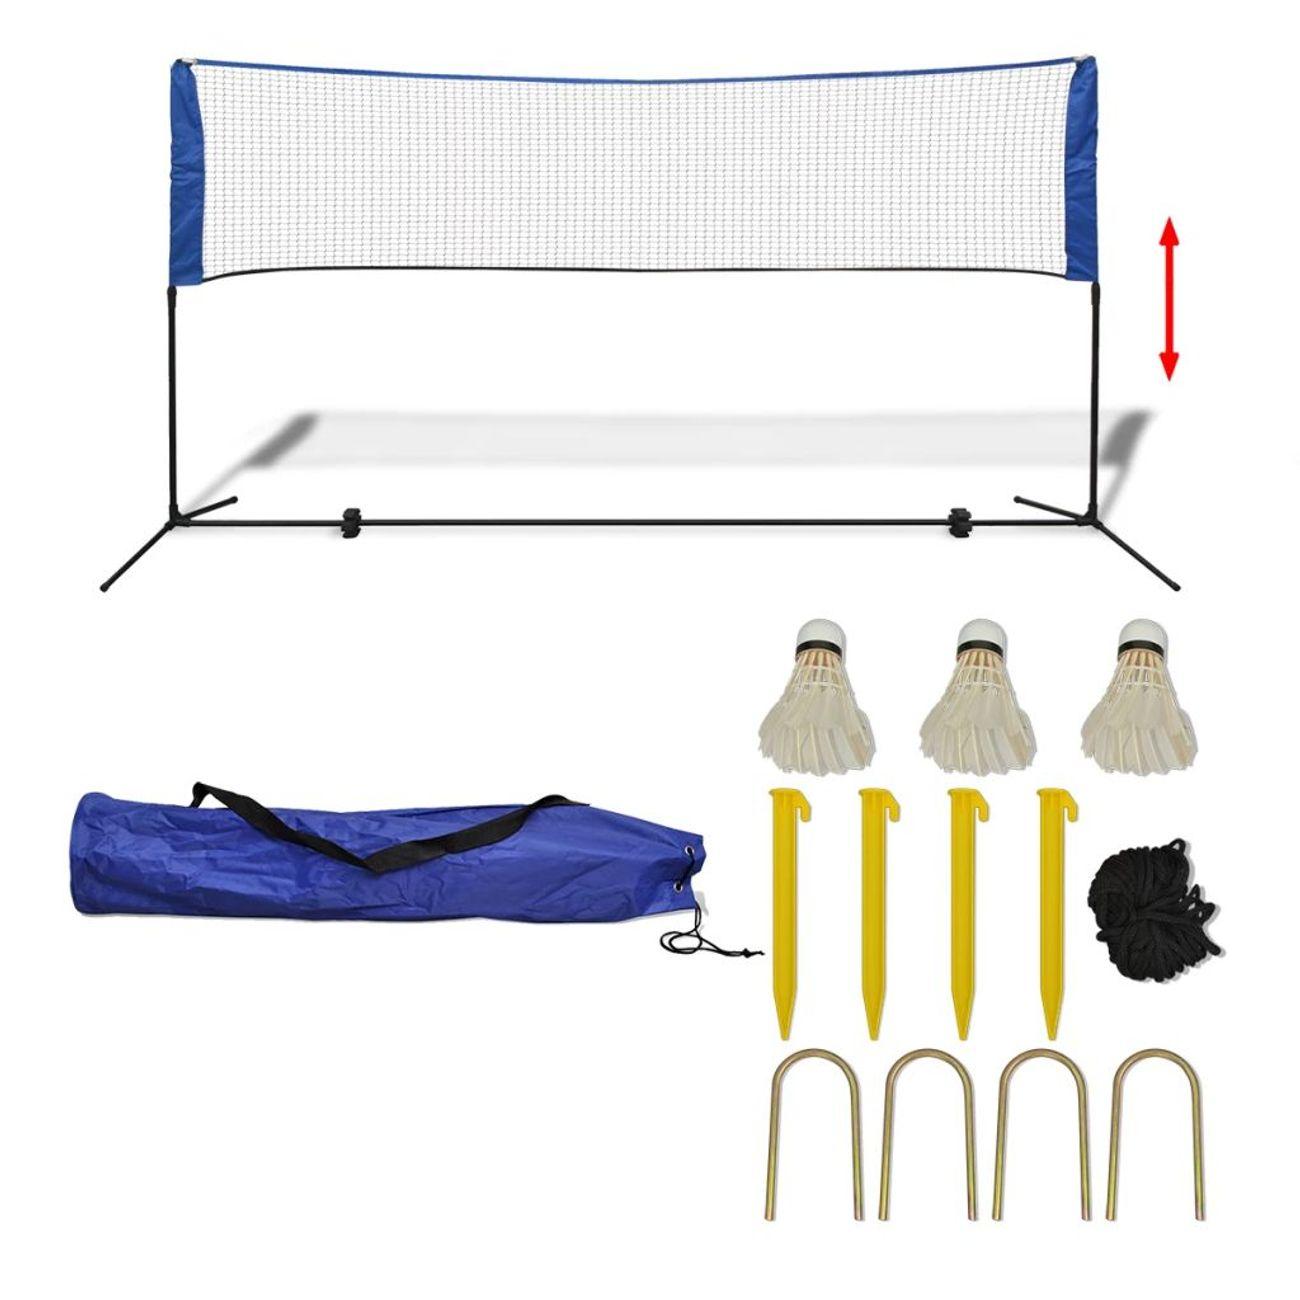 GENERIQUE Filets de badminton Contemporain Filet de badminton avec volants 300 x 155 cm